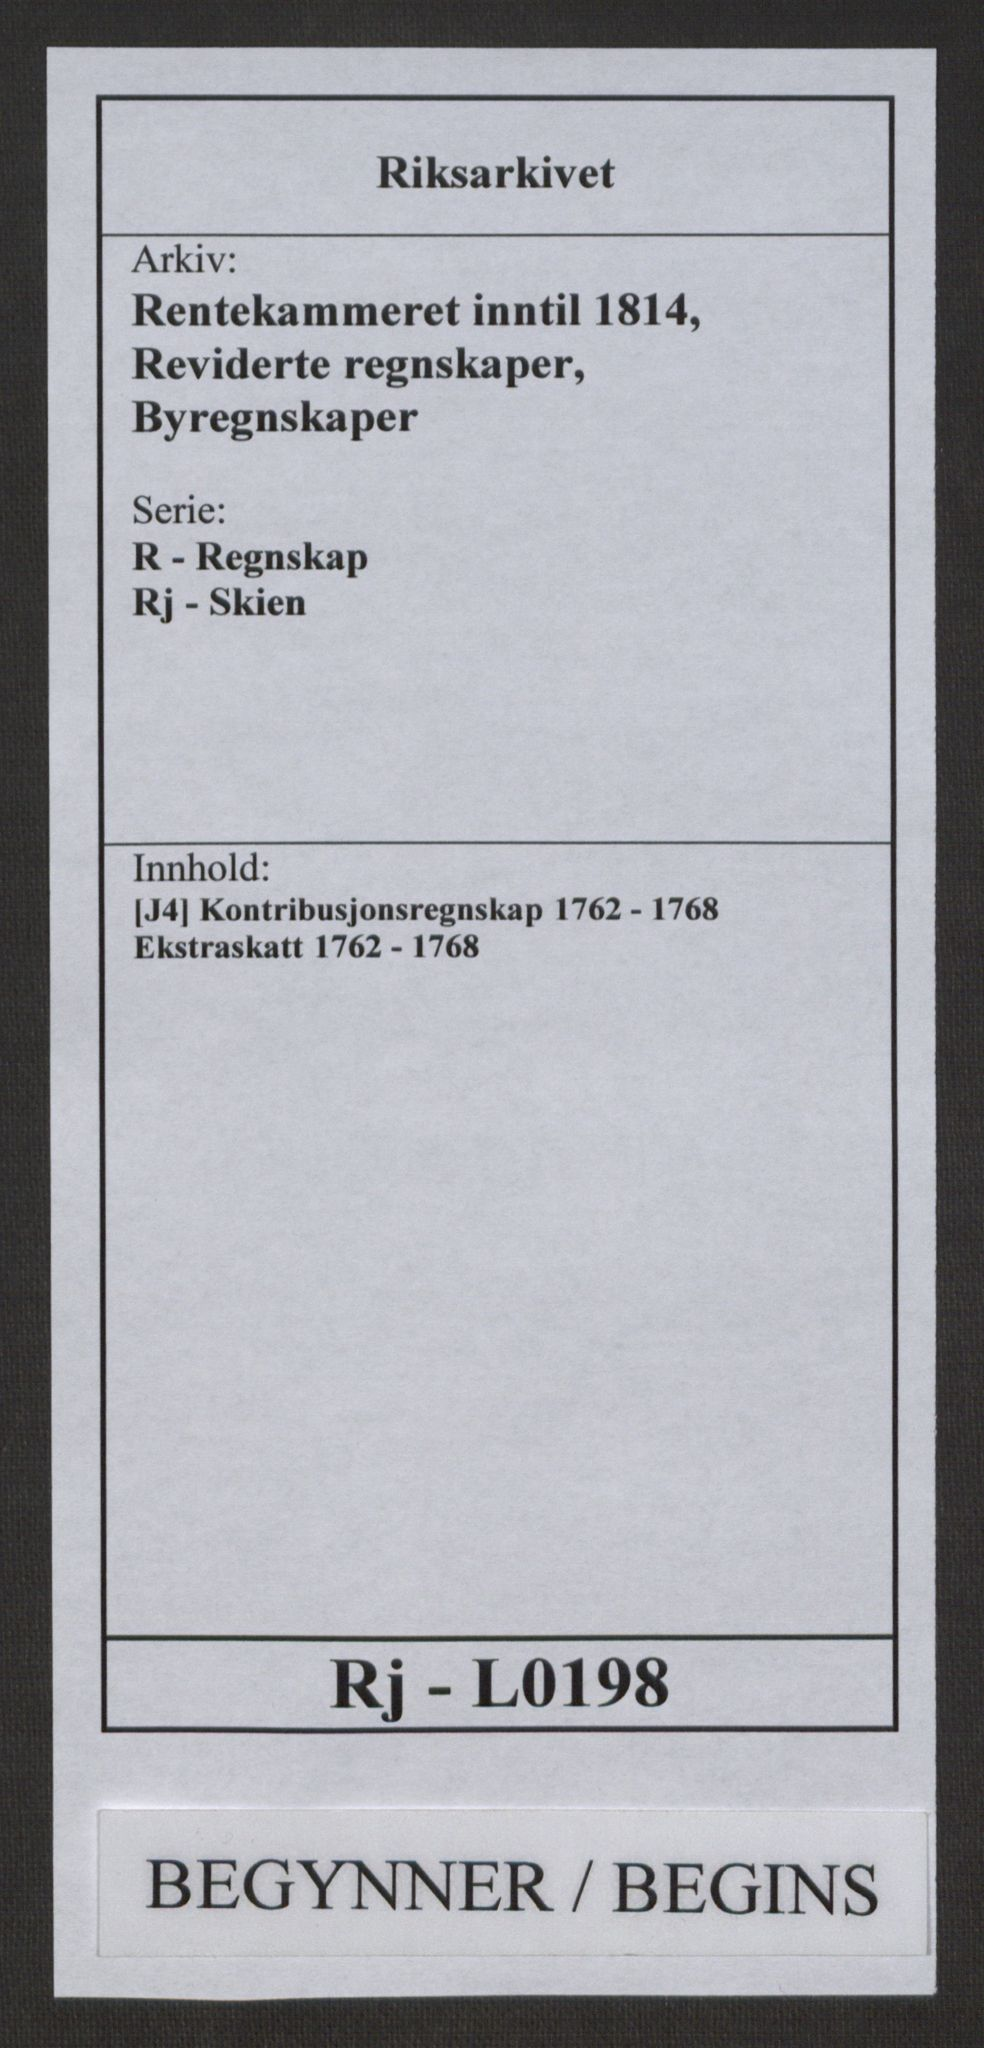 RA, Rentekammeret inntil 1814, Reviderte regnskaper, Byregnskaper, R/Rj/L0198: [J4] Kontribusjonsregnskap, 1762-1768, s. 1